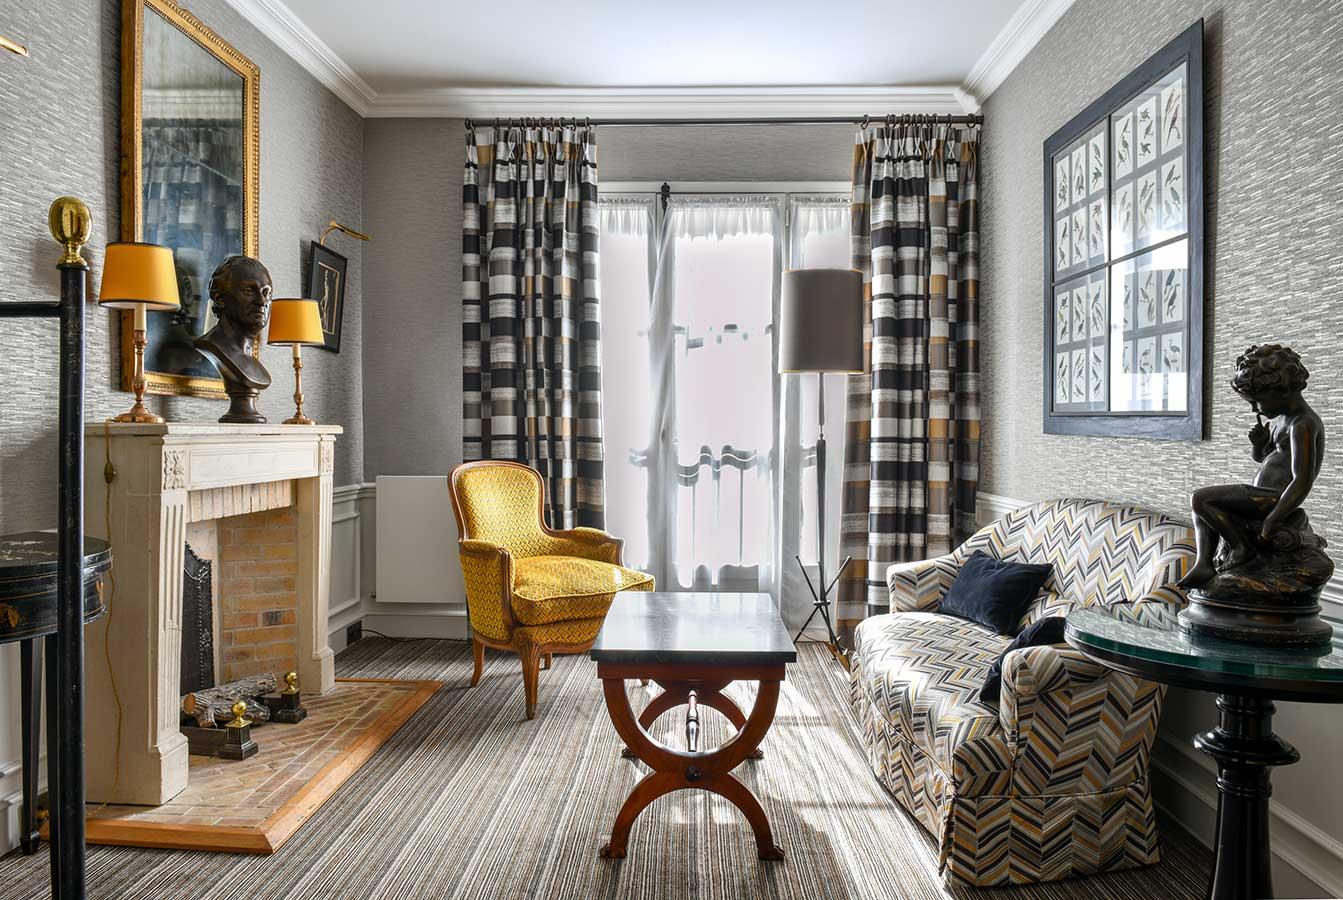 Appartement Terrasse - Grand salon avec cheminée, table basse en marbre, fauteuil jaune et canapé dans une harmonie de gris, jaune et noir